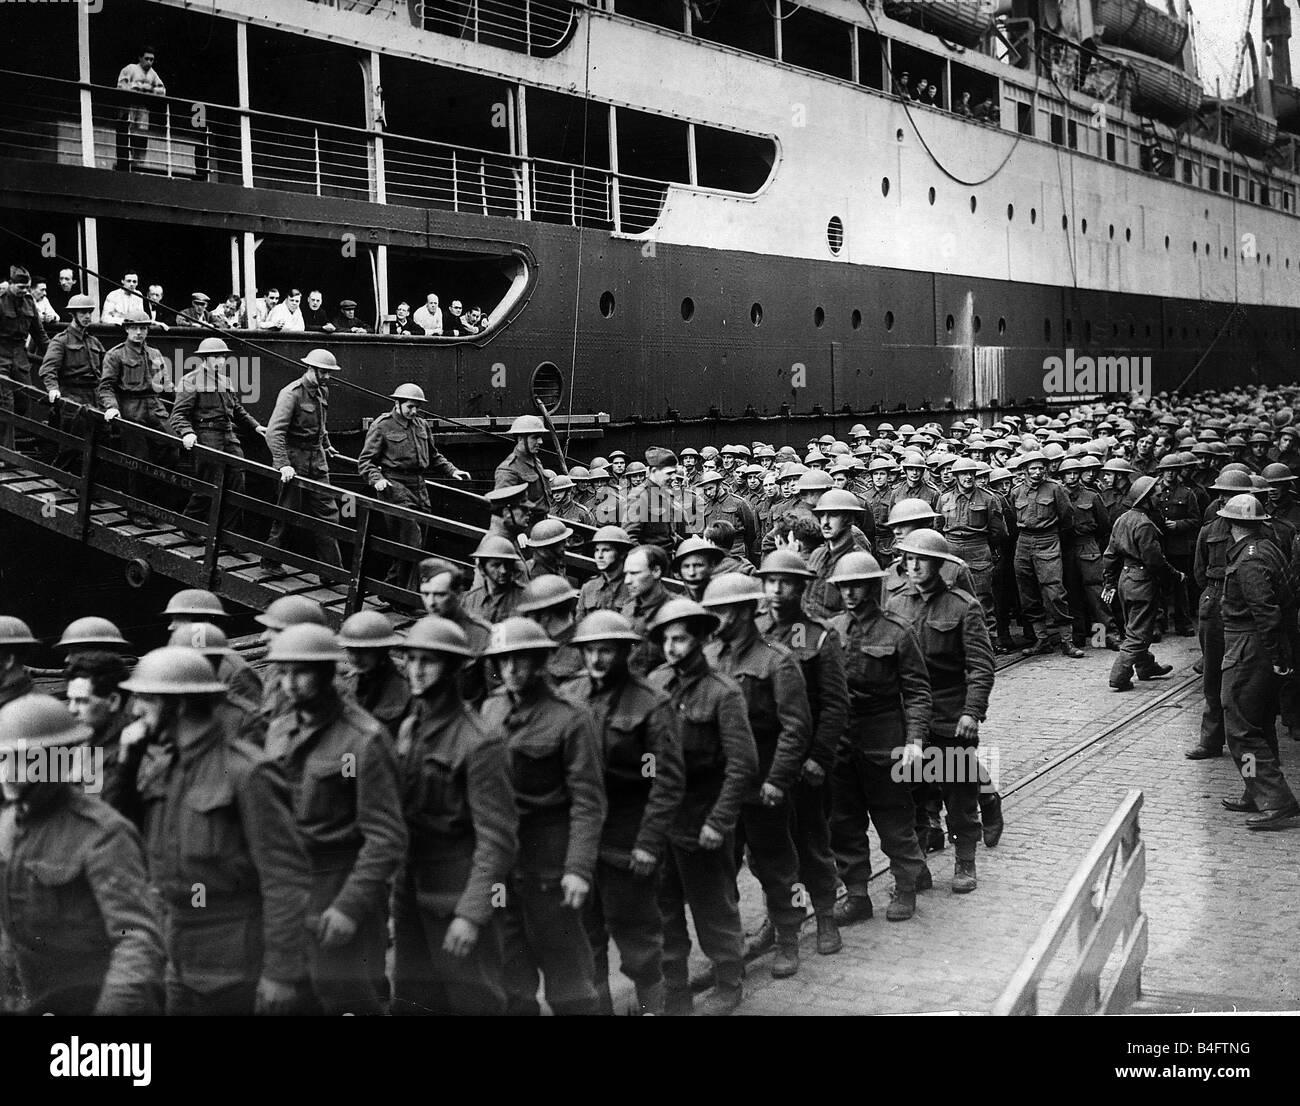 World War 2 British Sol Rs Disembarking Their Ship May